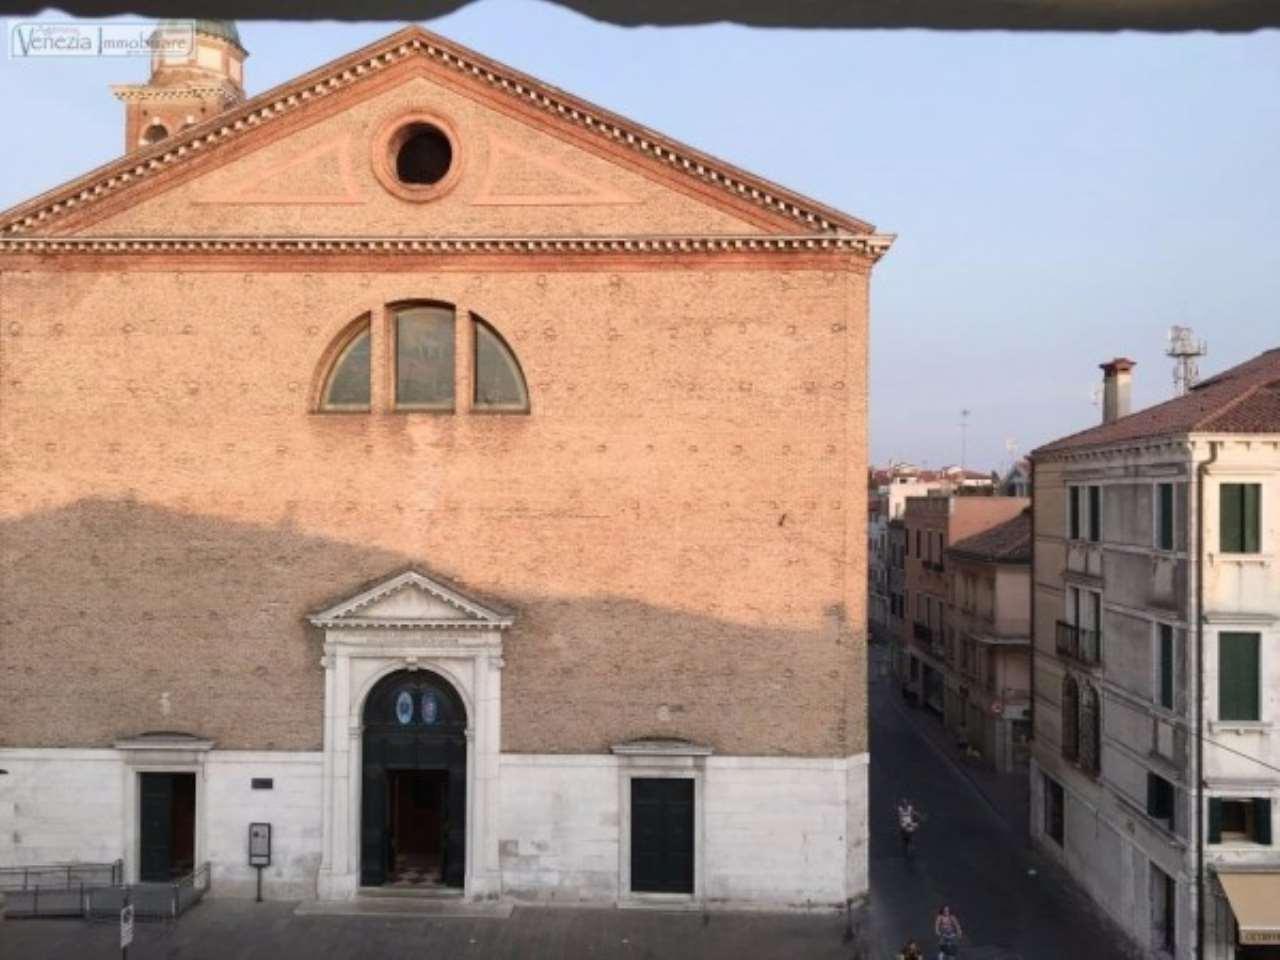 Attico / Mansarda in vendita a Chioggia, 3 locali, prezzo € 250.000 | Cambio Casa.it